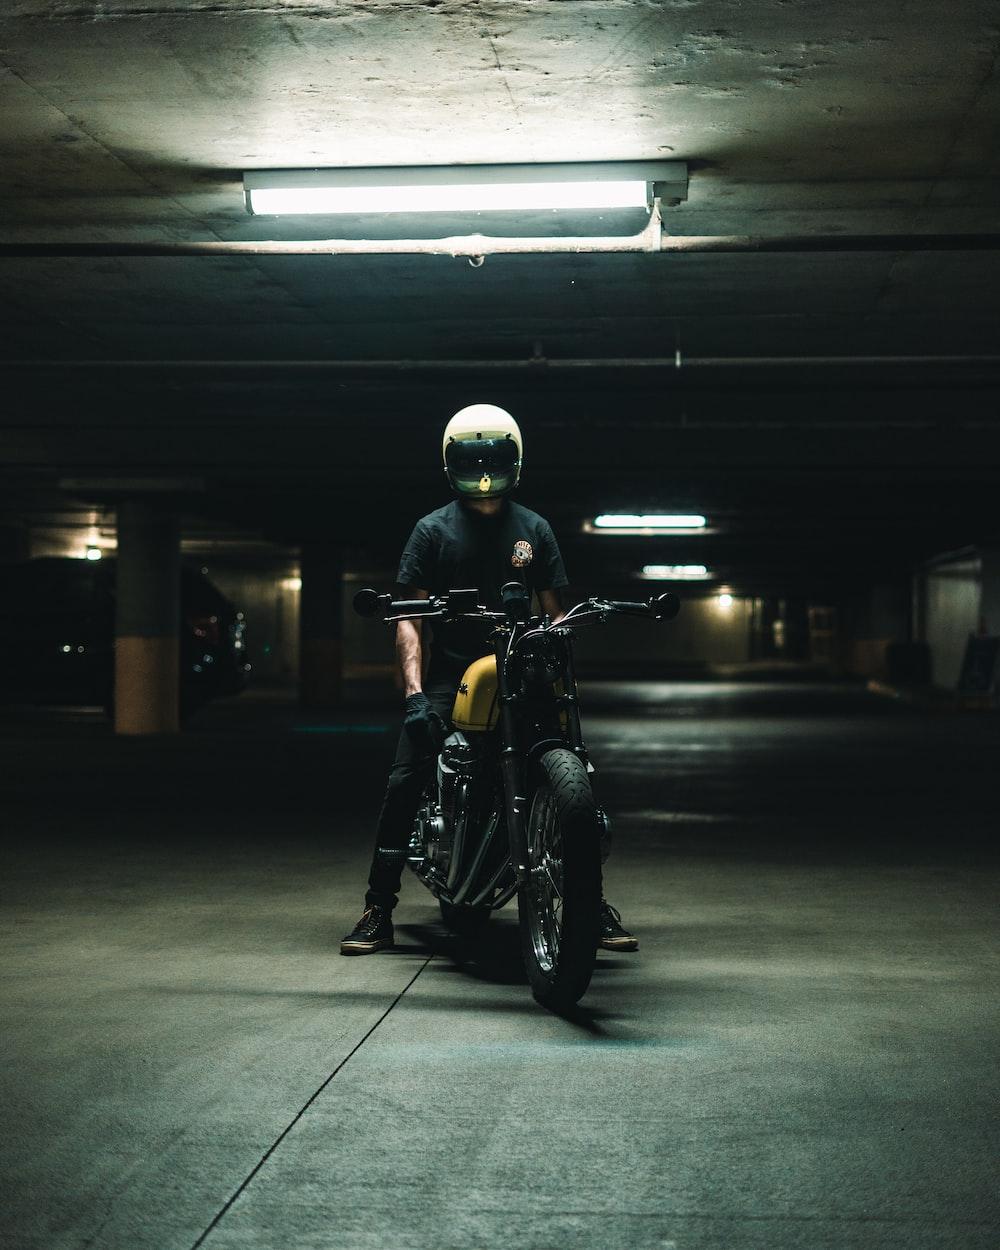 man in black jacket riding motorcycle